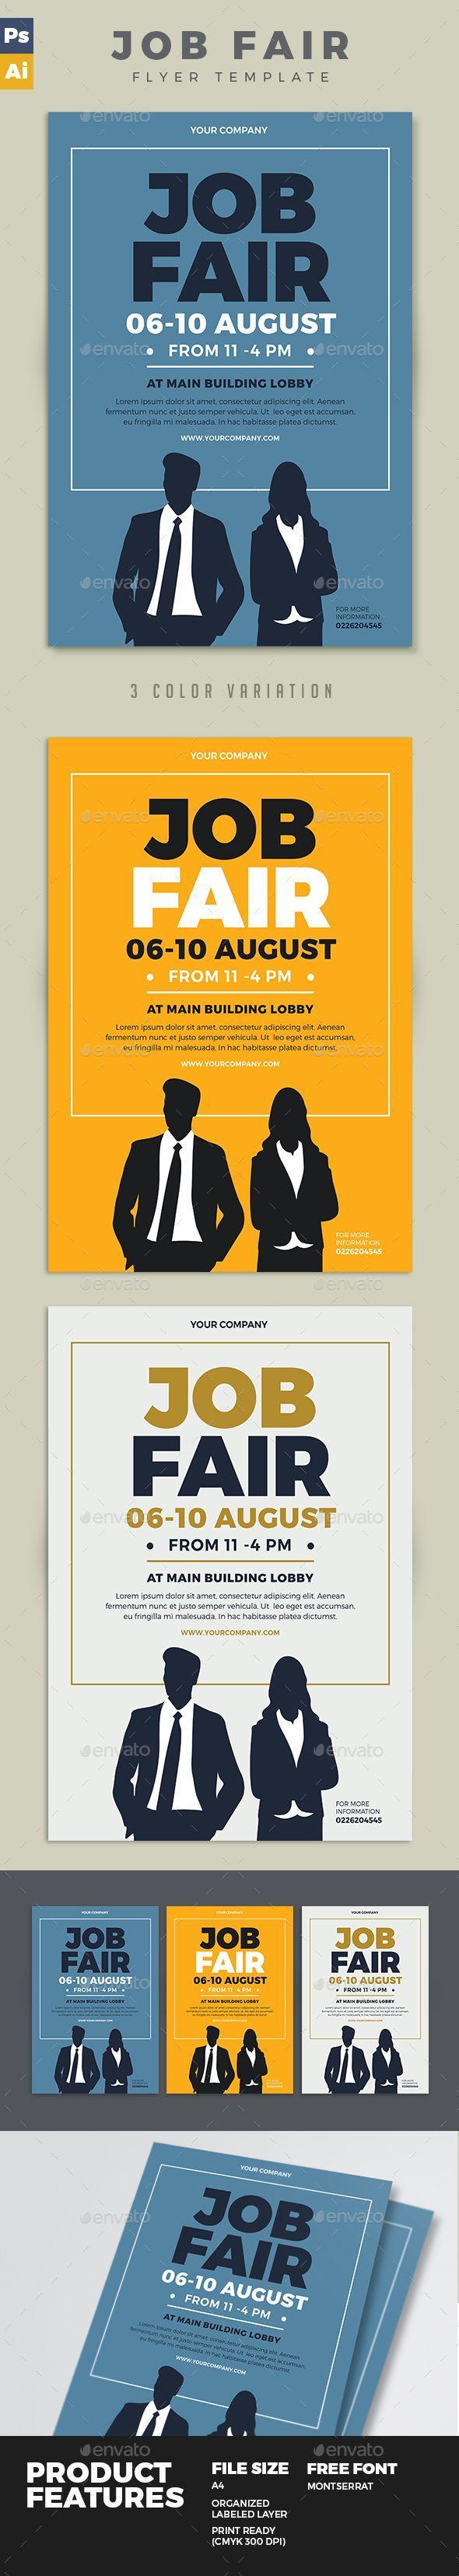 Business infographic : Job Fair Flyer